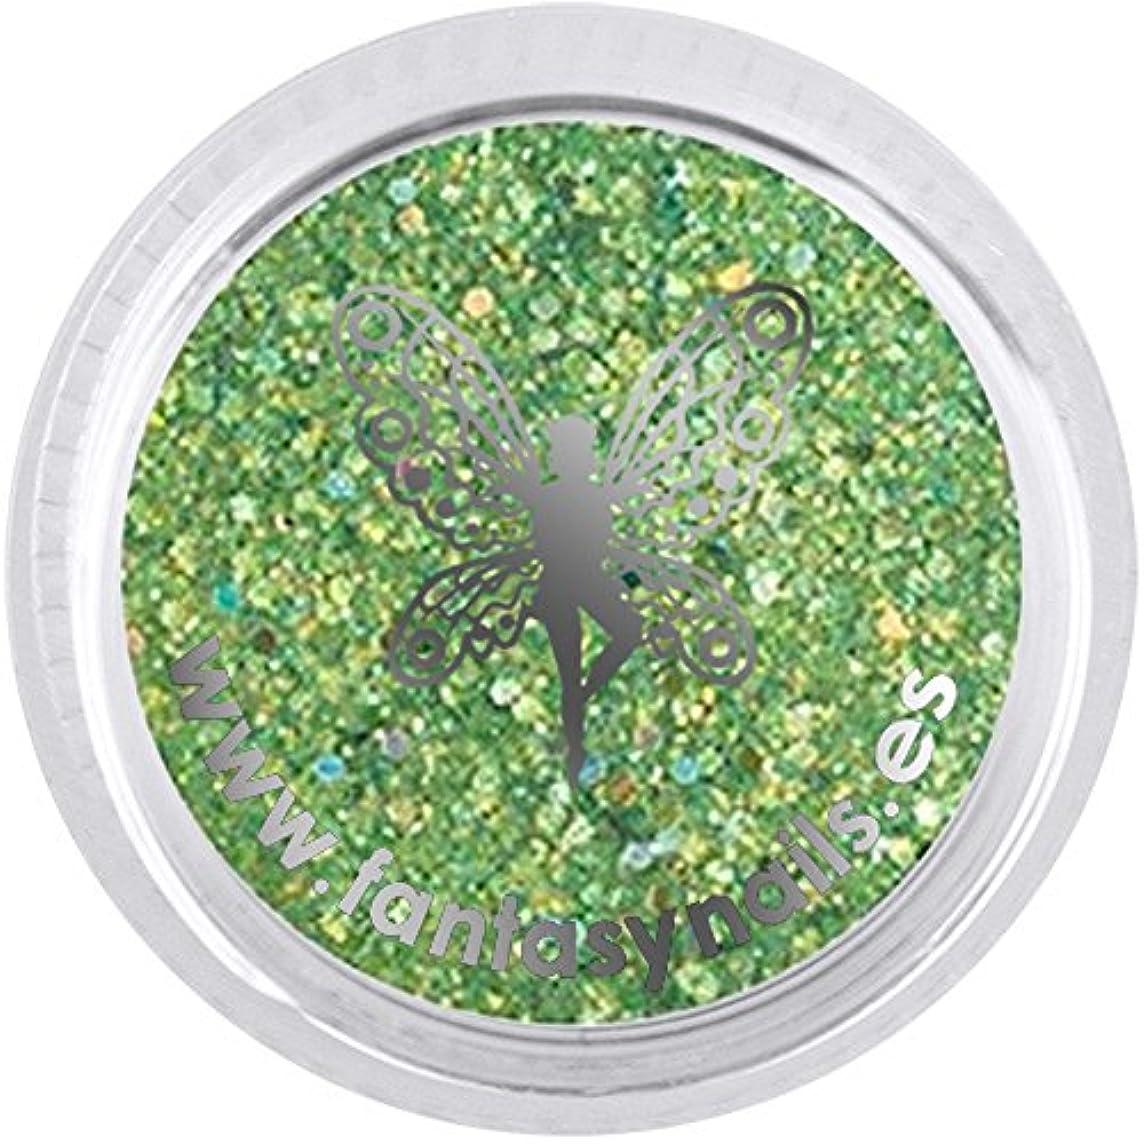 破壊シチリア瀬戸際FANTASY NAIL ダイヤモンドコレクション 3g 4265XS カラーパウダー アート材